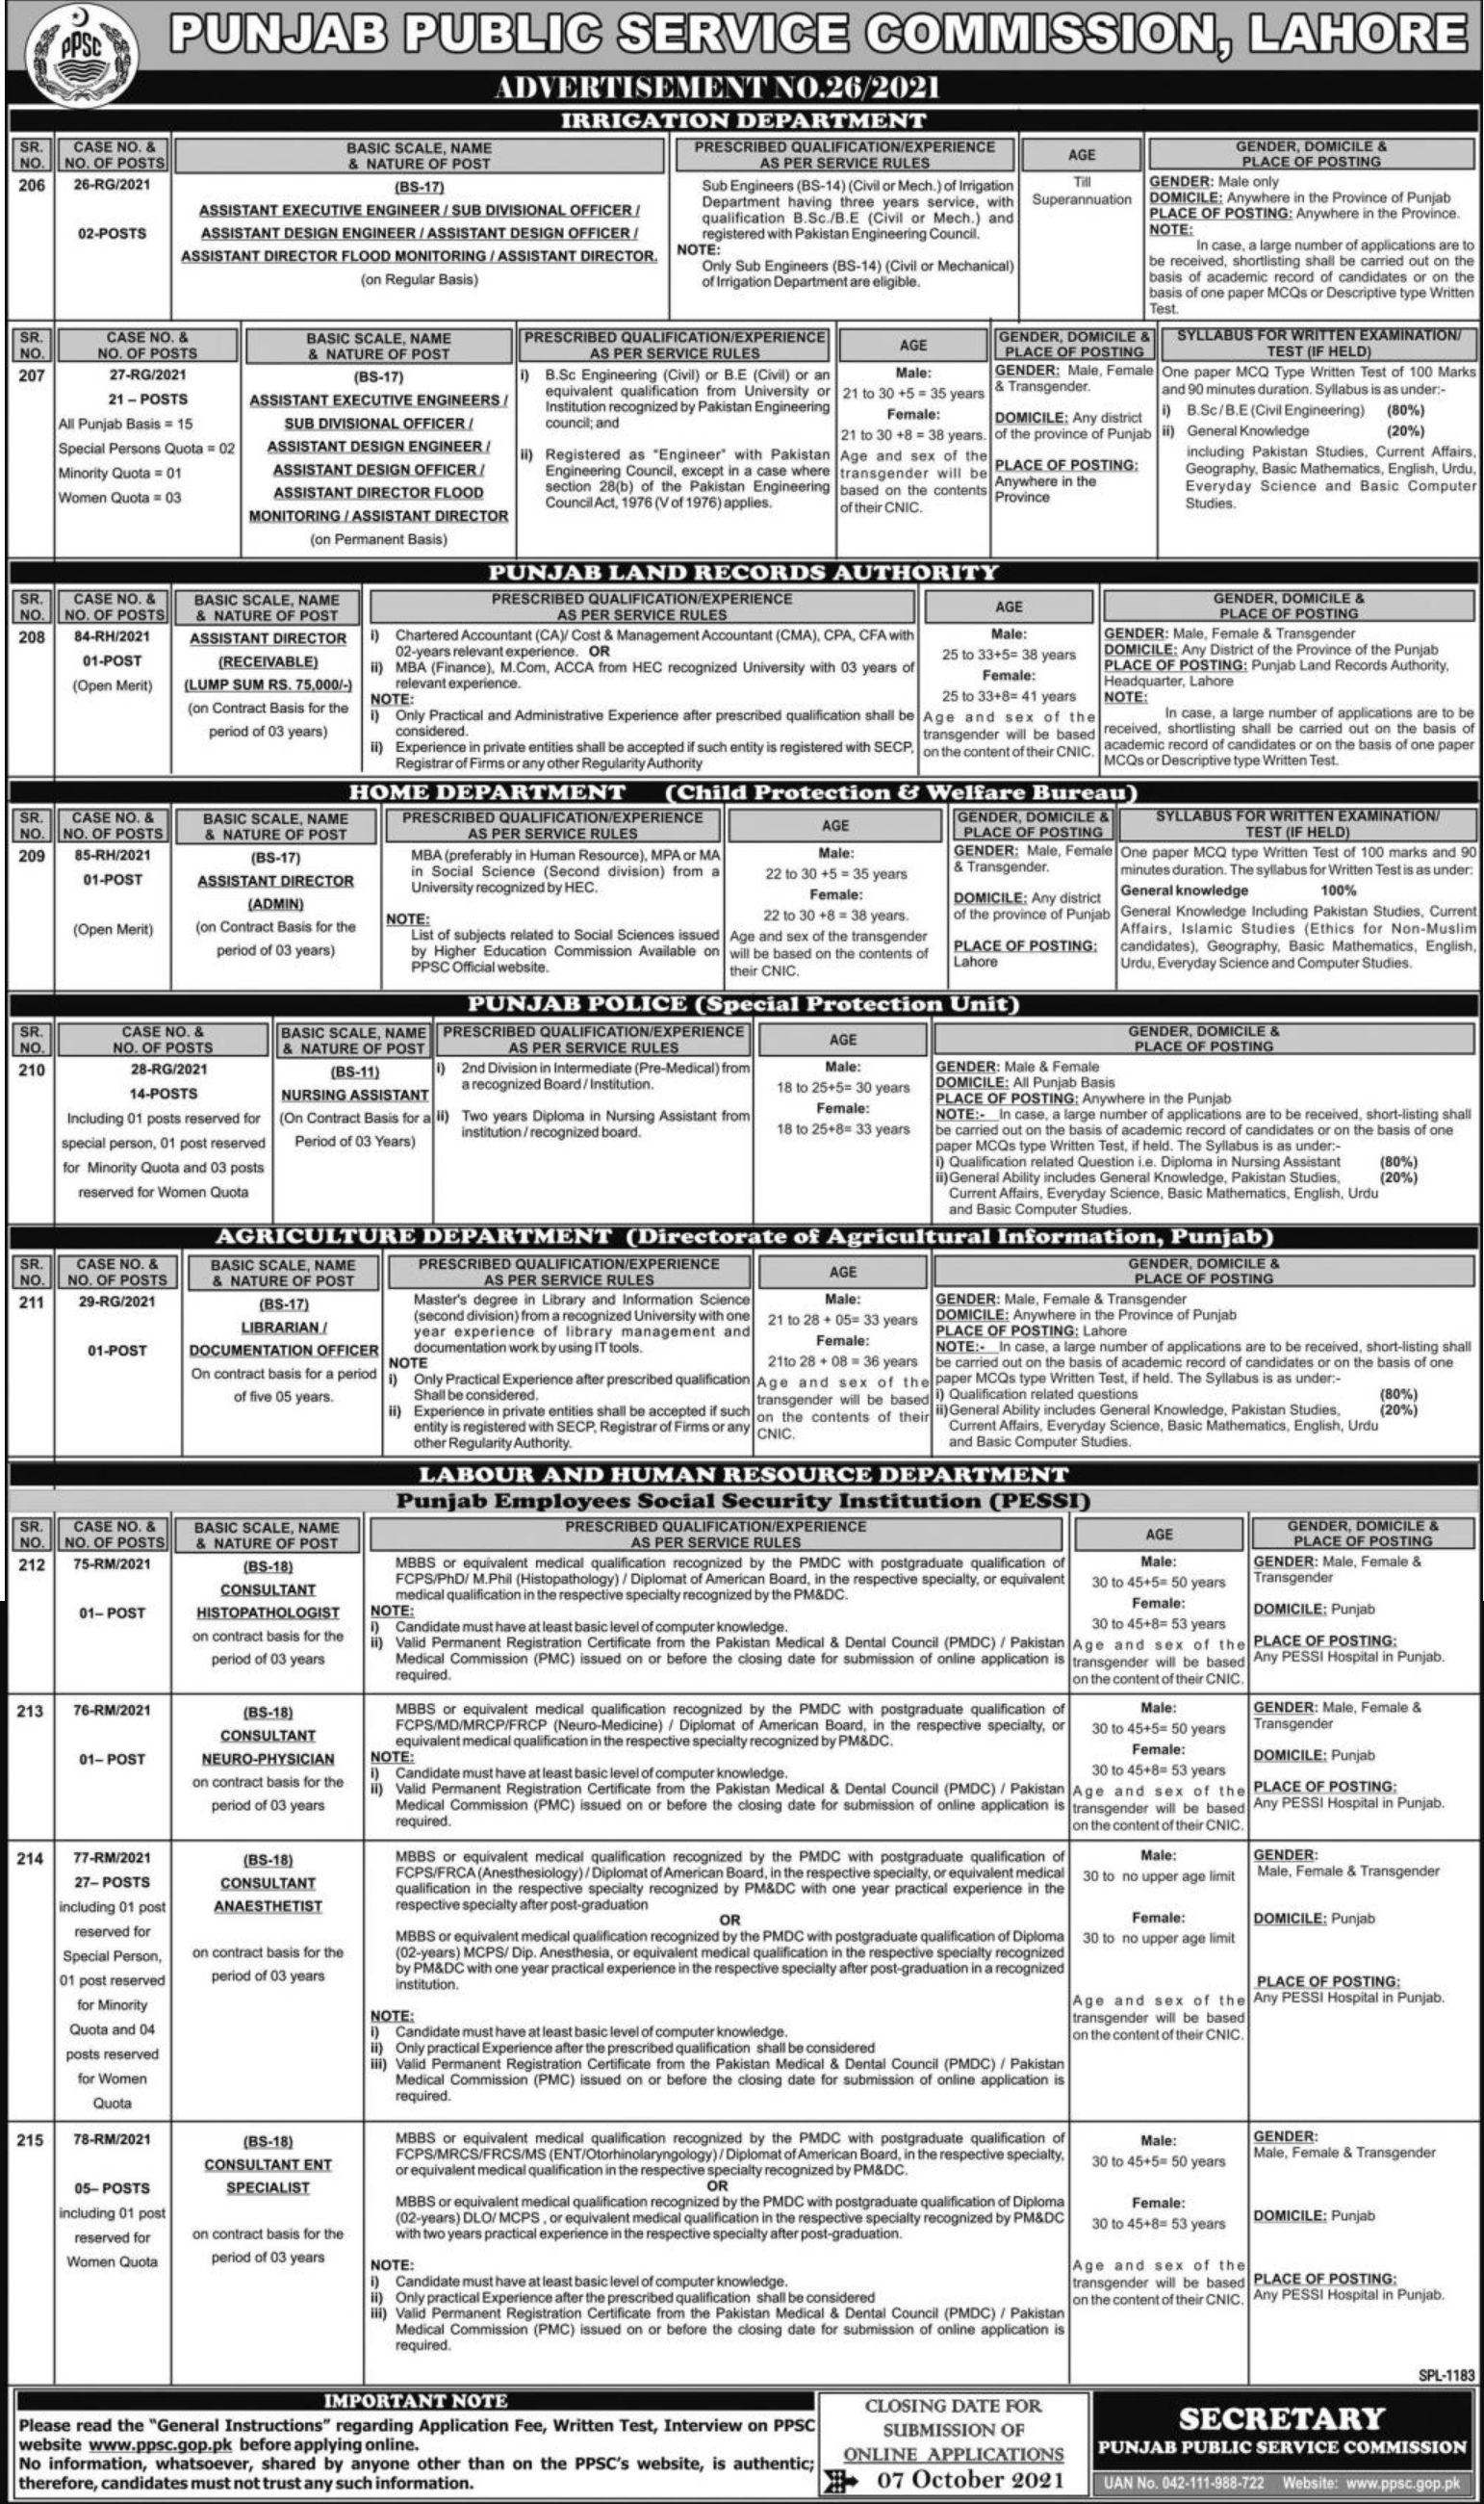 Punjab Public Service Commission (PPSC) Lahore Vacancies 2021 – Latest Jobs 3